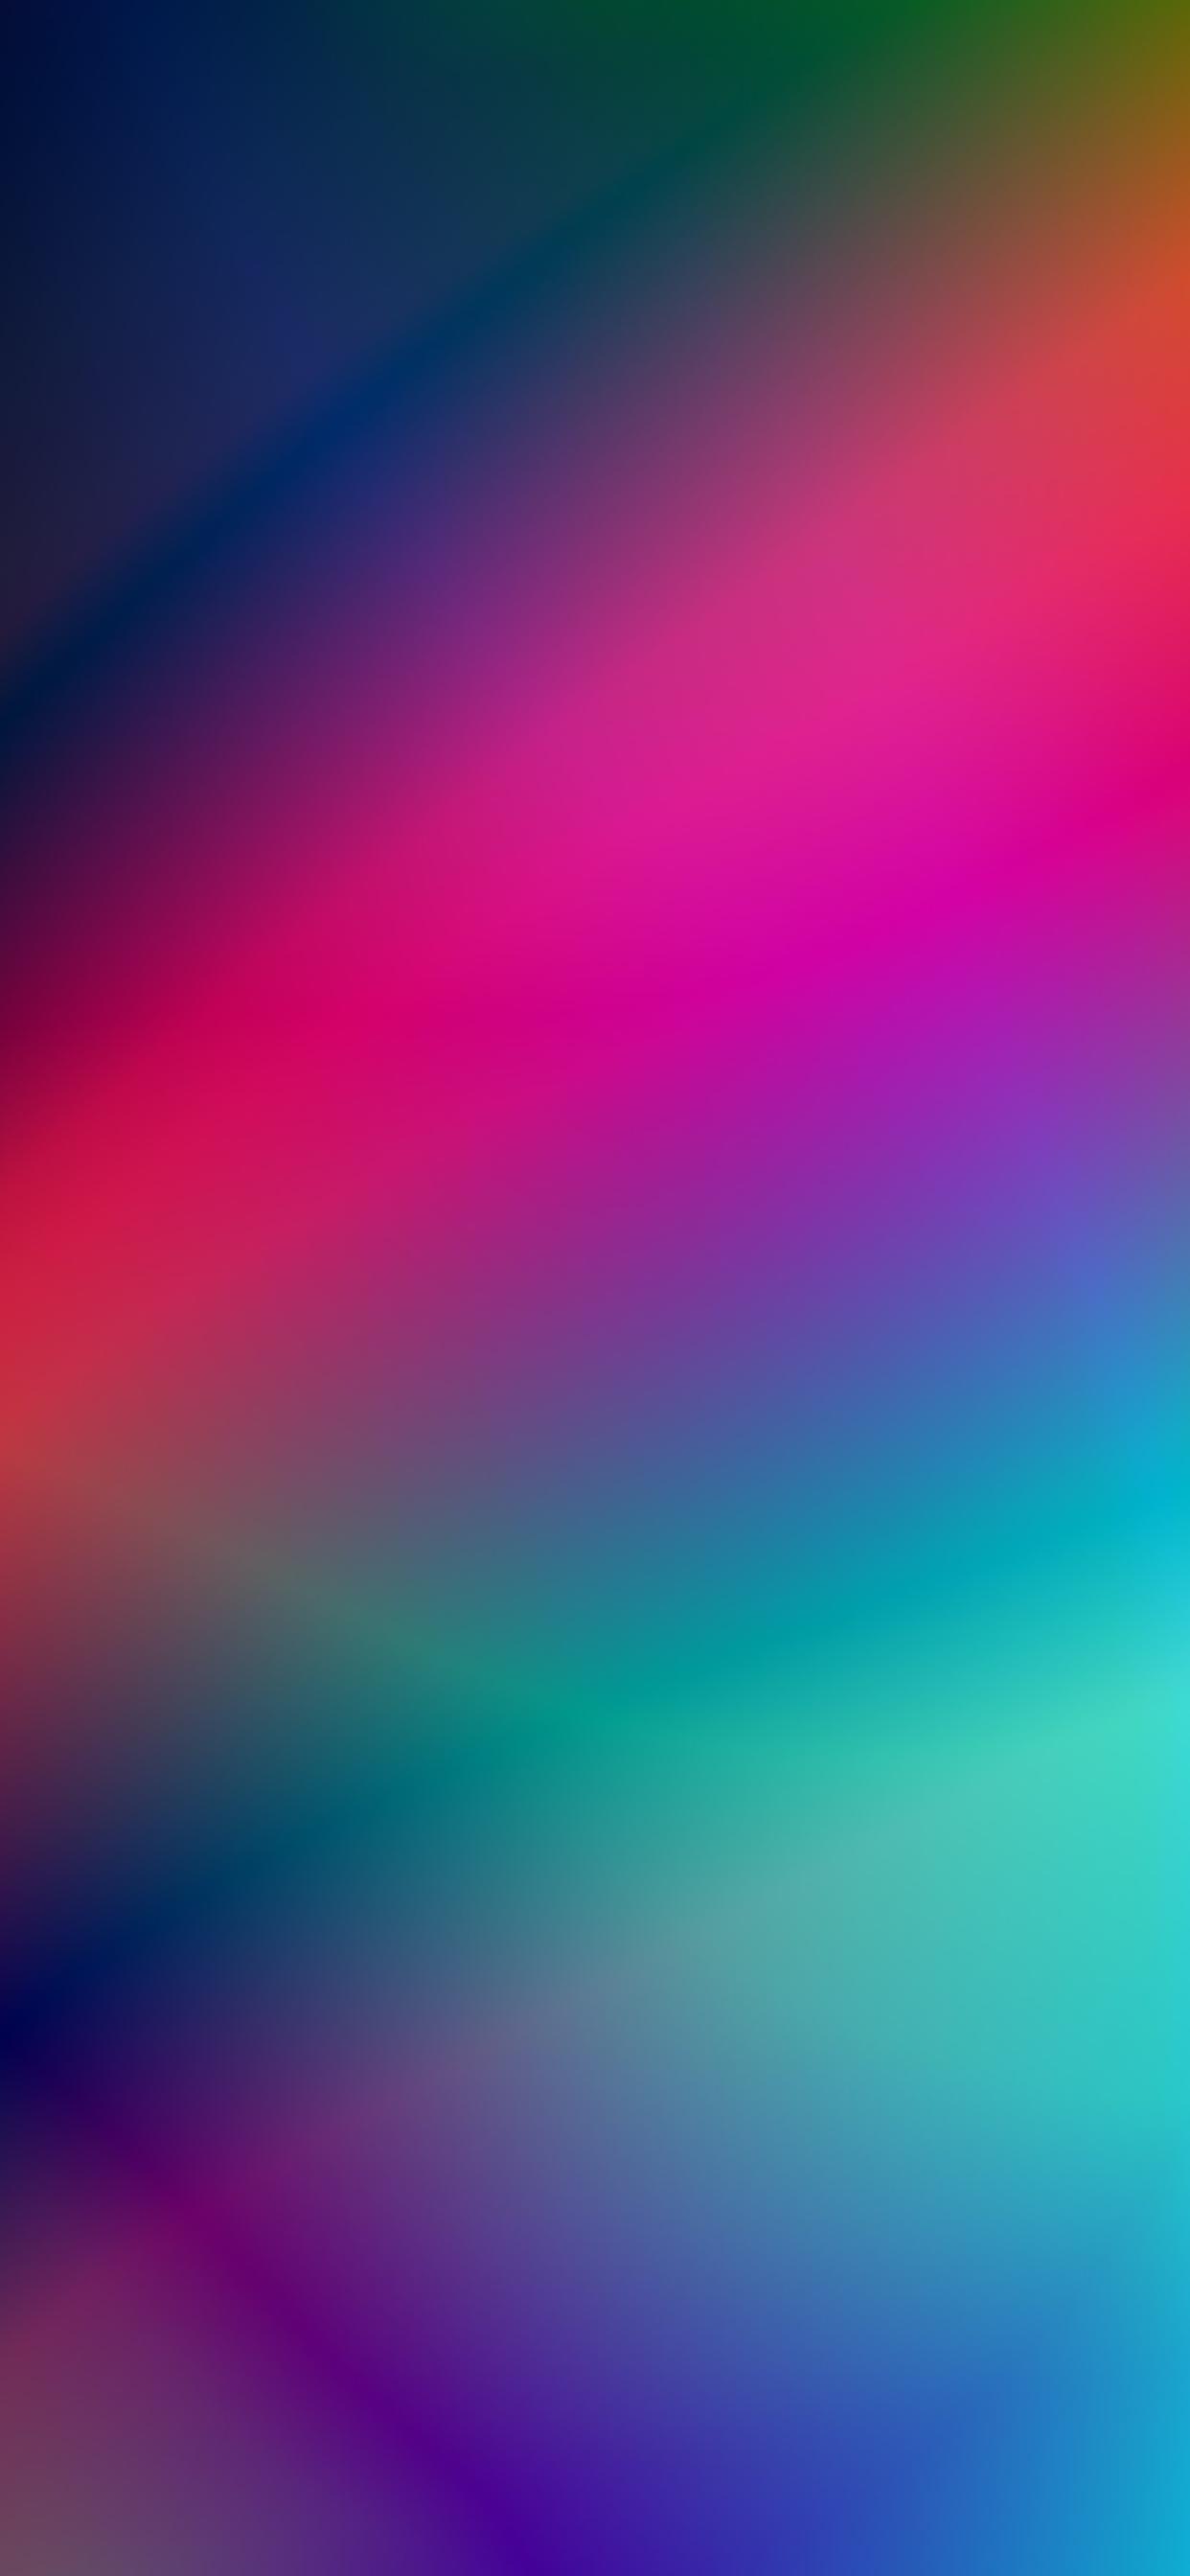 iPhone wallpapers gradient colors pink blue yellow Fonds d'écran iPhone du 27/05/2020